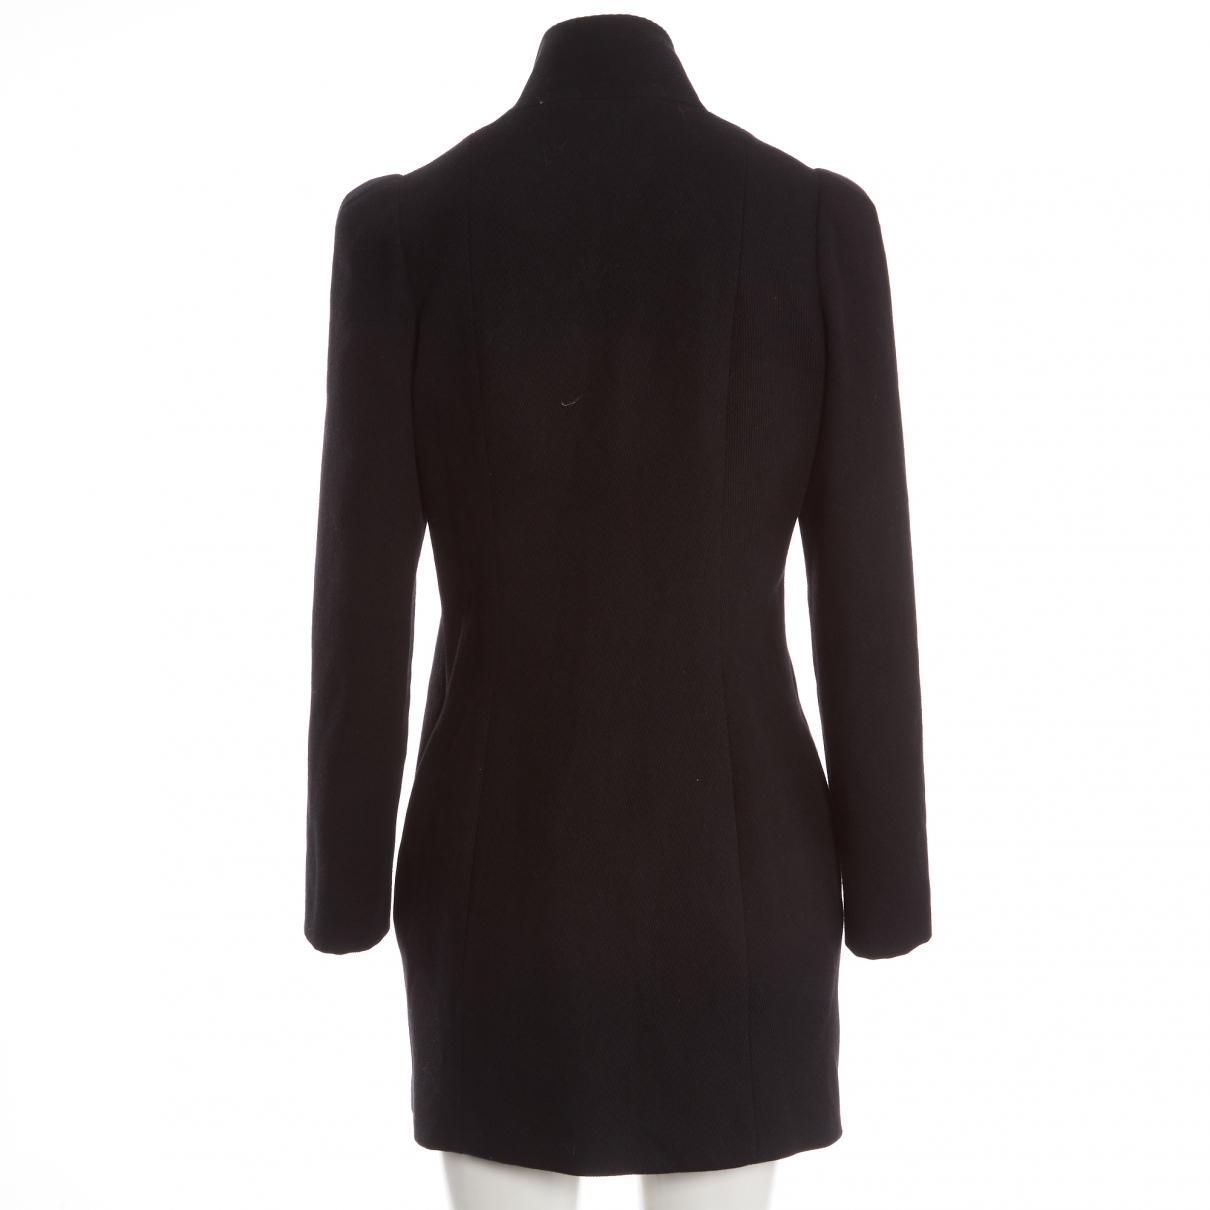 Manteau en laine Laines Balmain en coloris Noir 8FELL